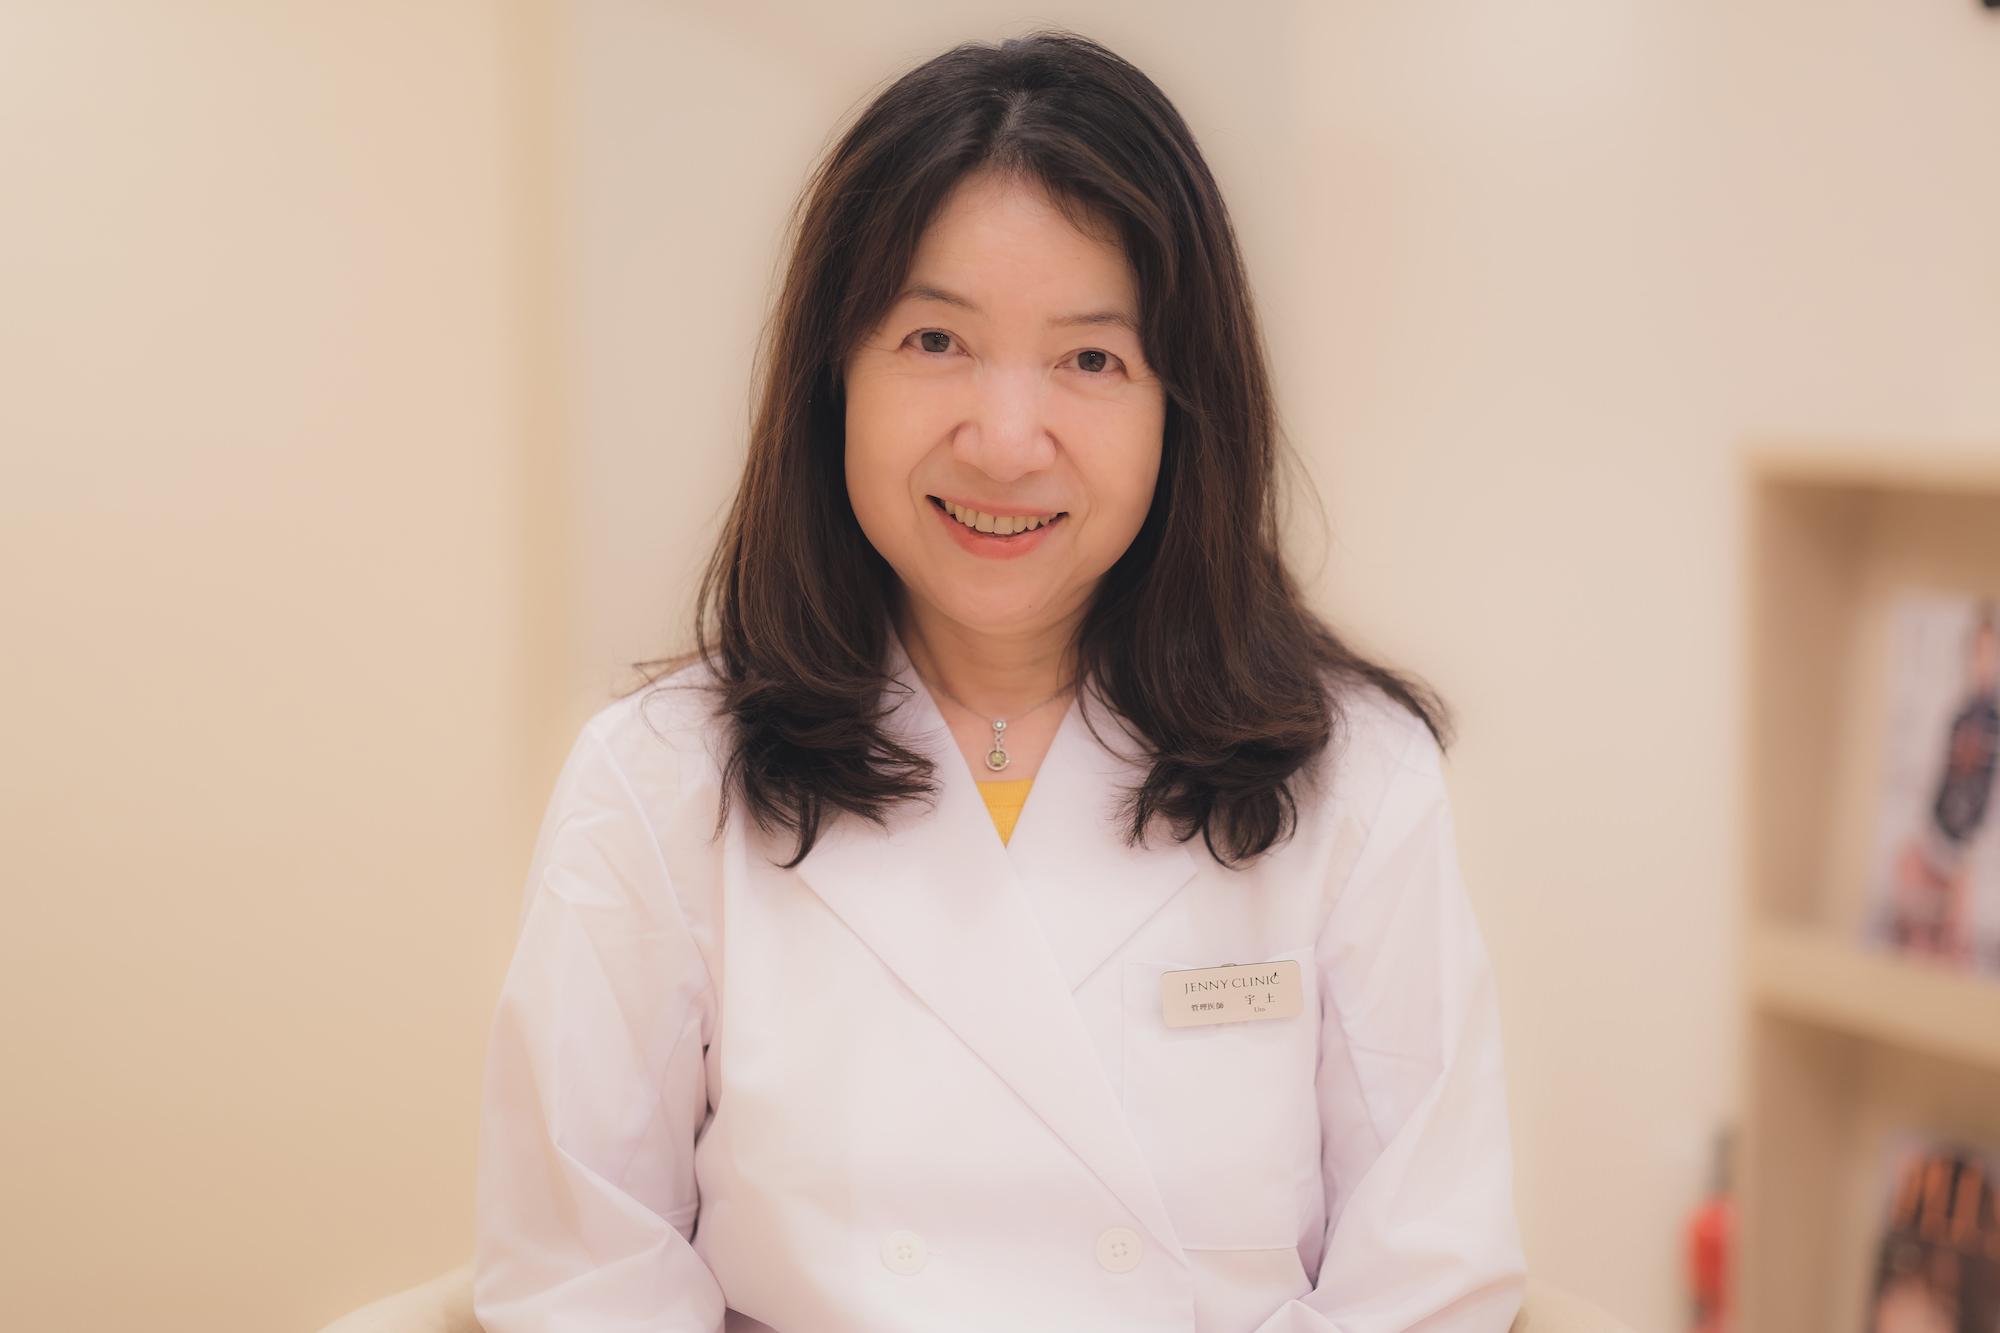 ジェニークリニックは、女性のための医療レーザー脱毛専門の美容皮膚科です。